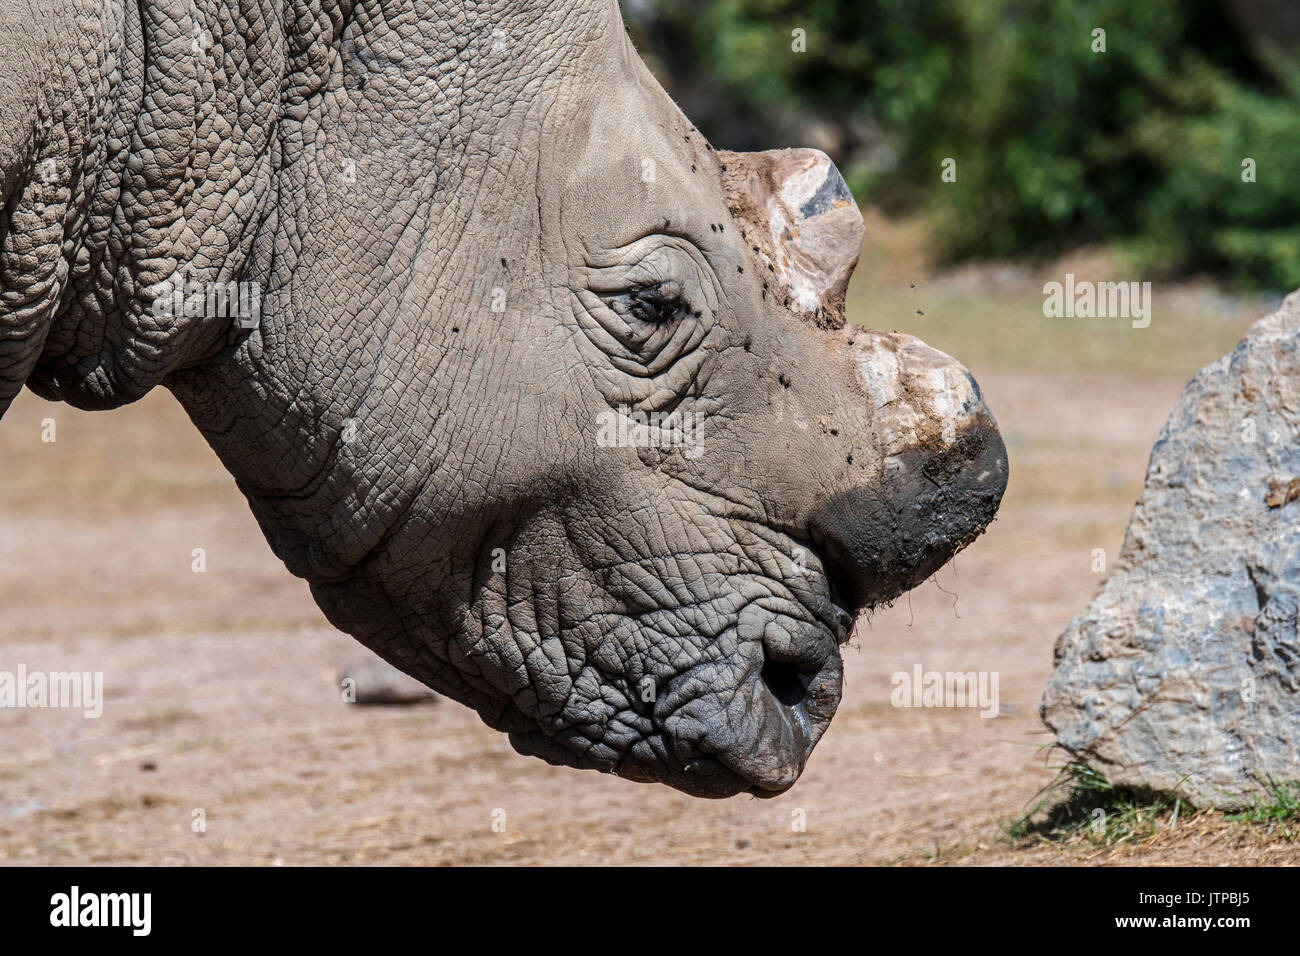 Chiusura del rinoceronte bianco / white rhino (Ceratotherium simum) con taglio corna come precauzione contro il furto da bracconieri Immagini Stock